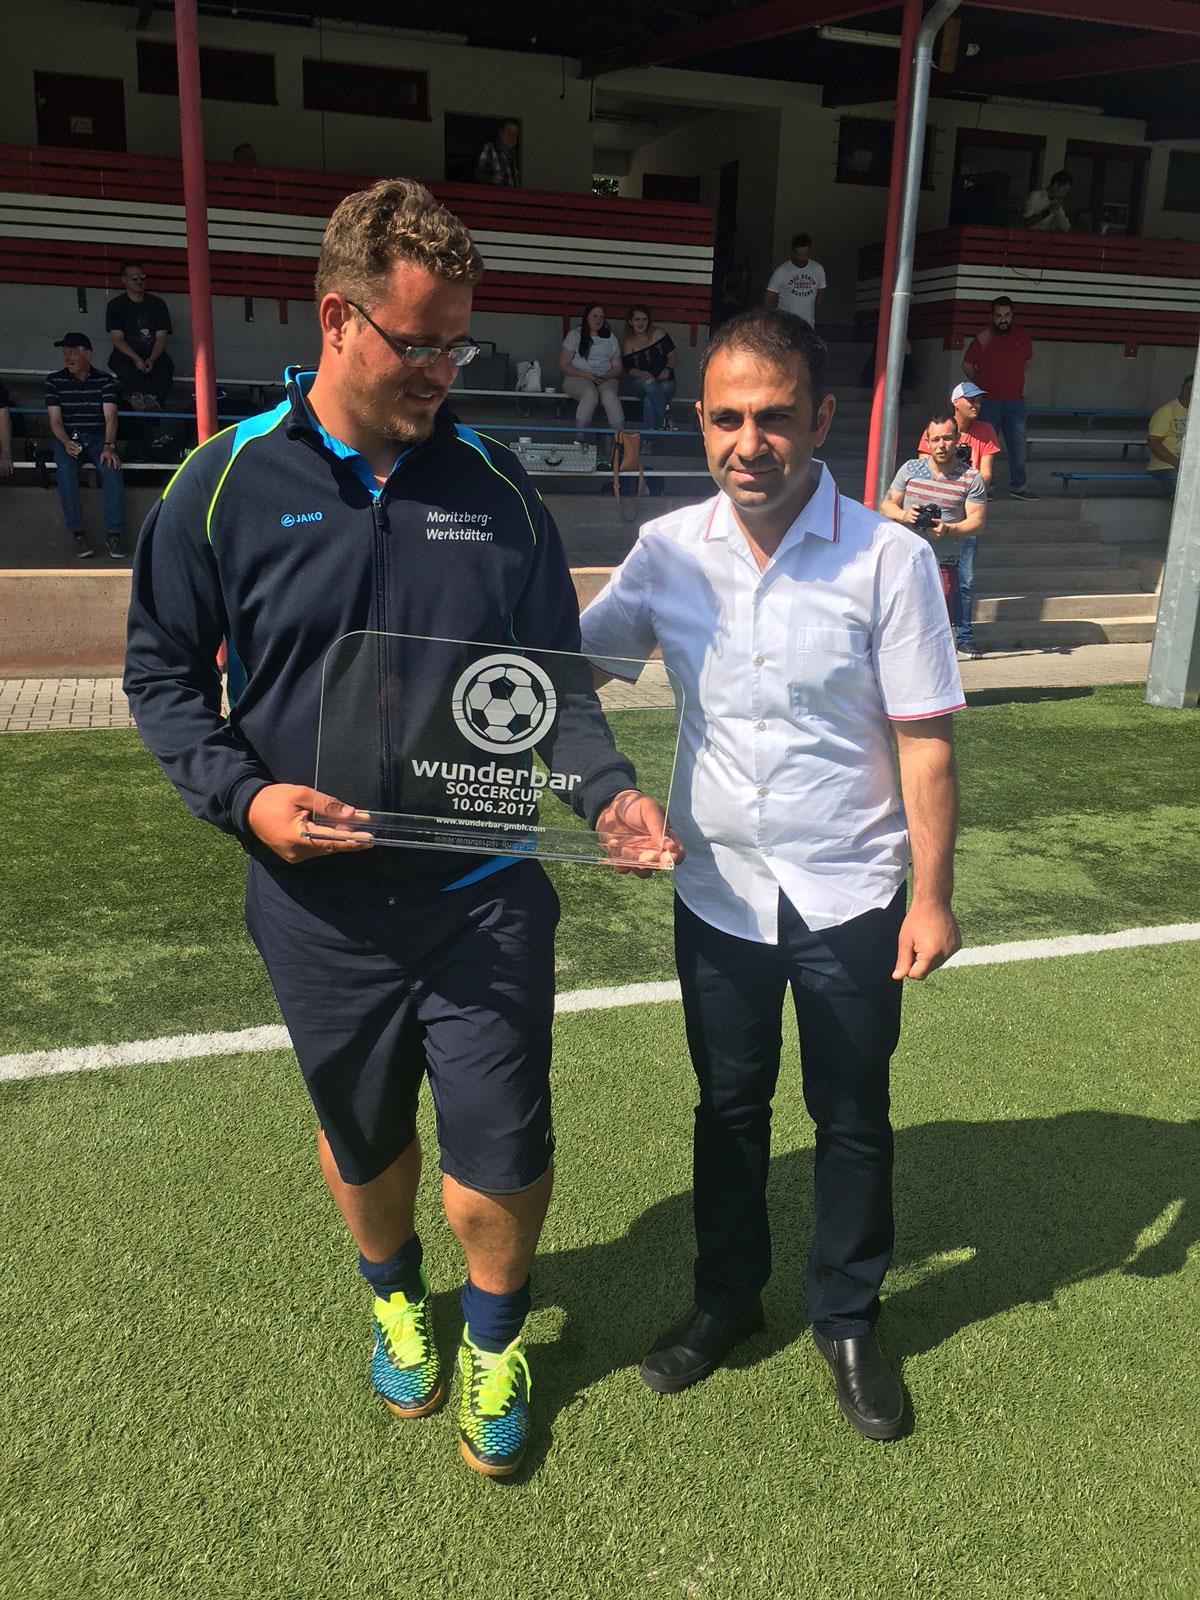 Dankte für den wunderbaren Einsatz im Turnier und lud das Team Lebenshilfe zum nächsten Cup 2018 ein: Wunderbar-Chef-Yusuf Delikaya mit Moritz-Keeper Tino Gerhardt.